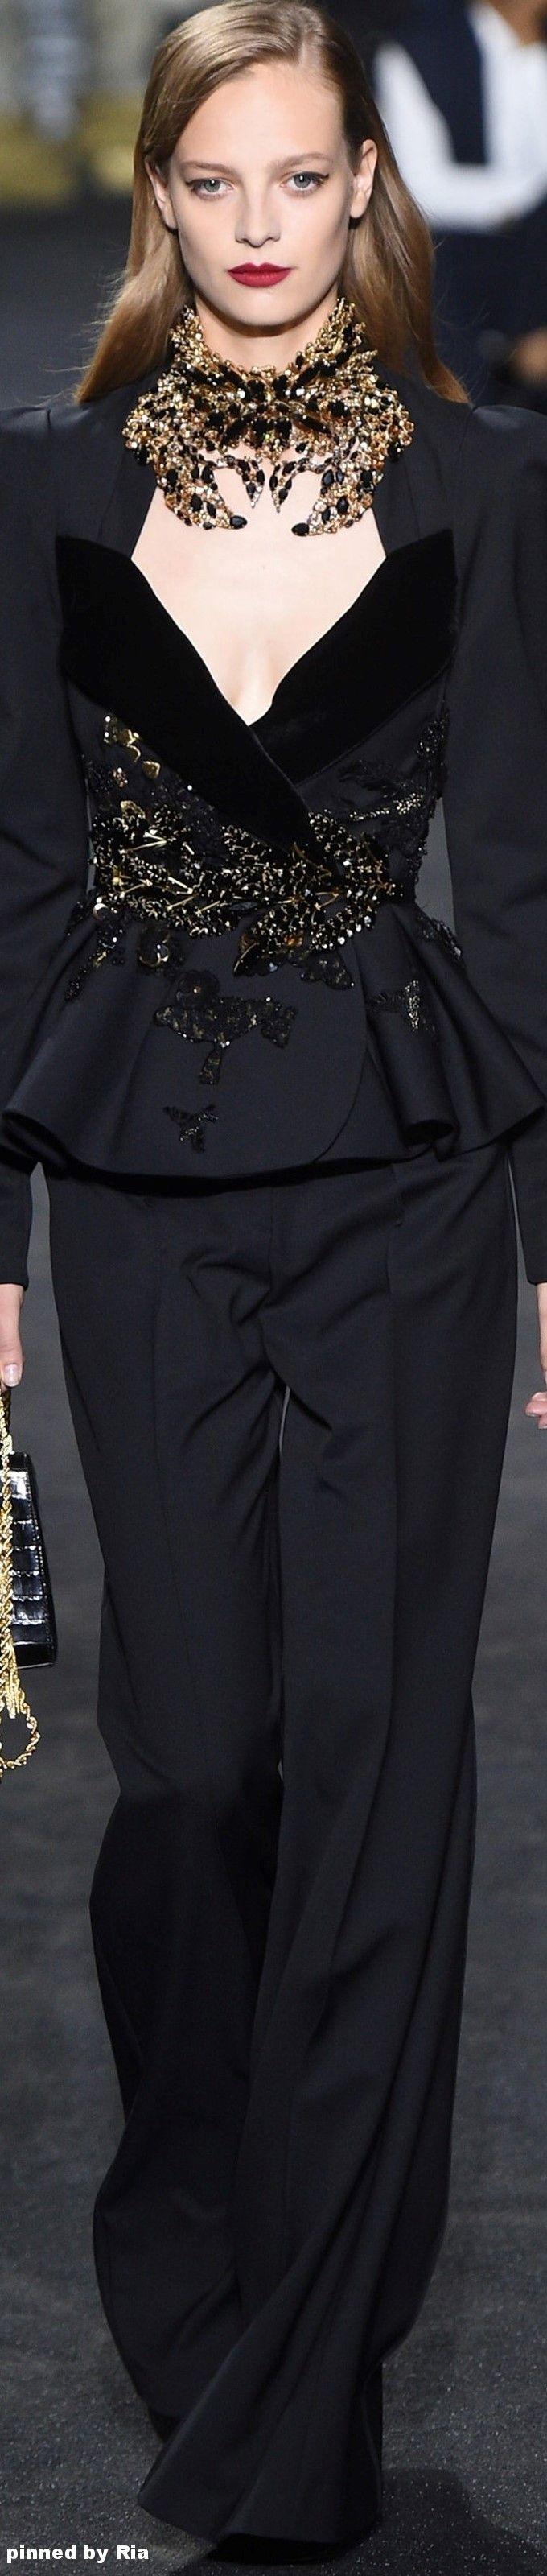 Elie Saab FW 2016-17 Couture l Ria